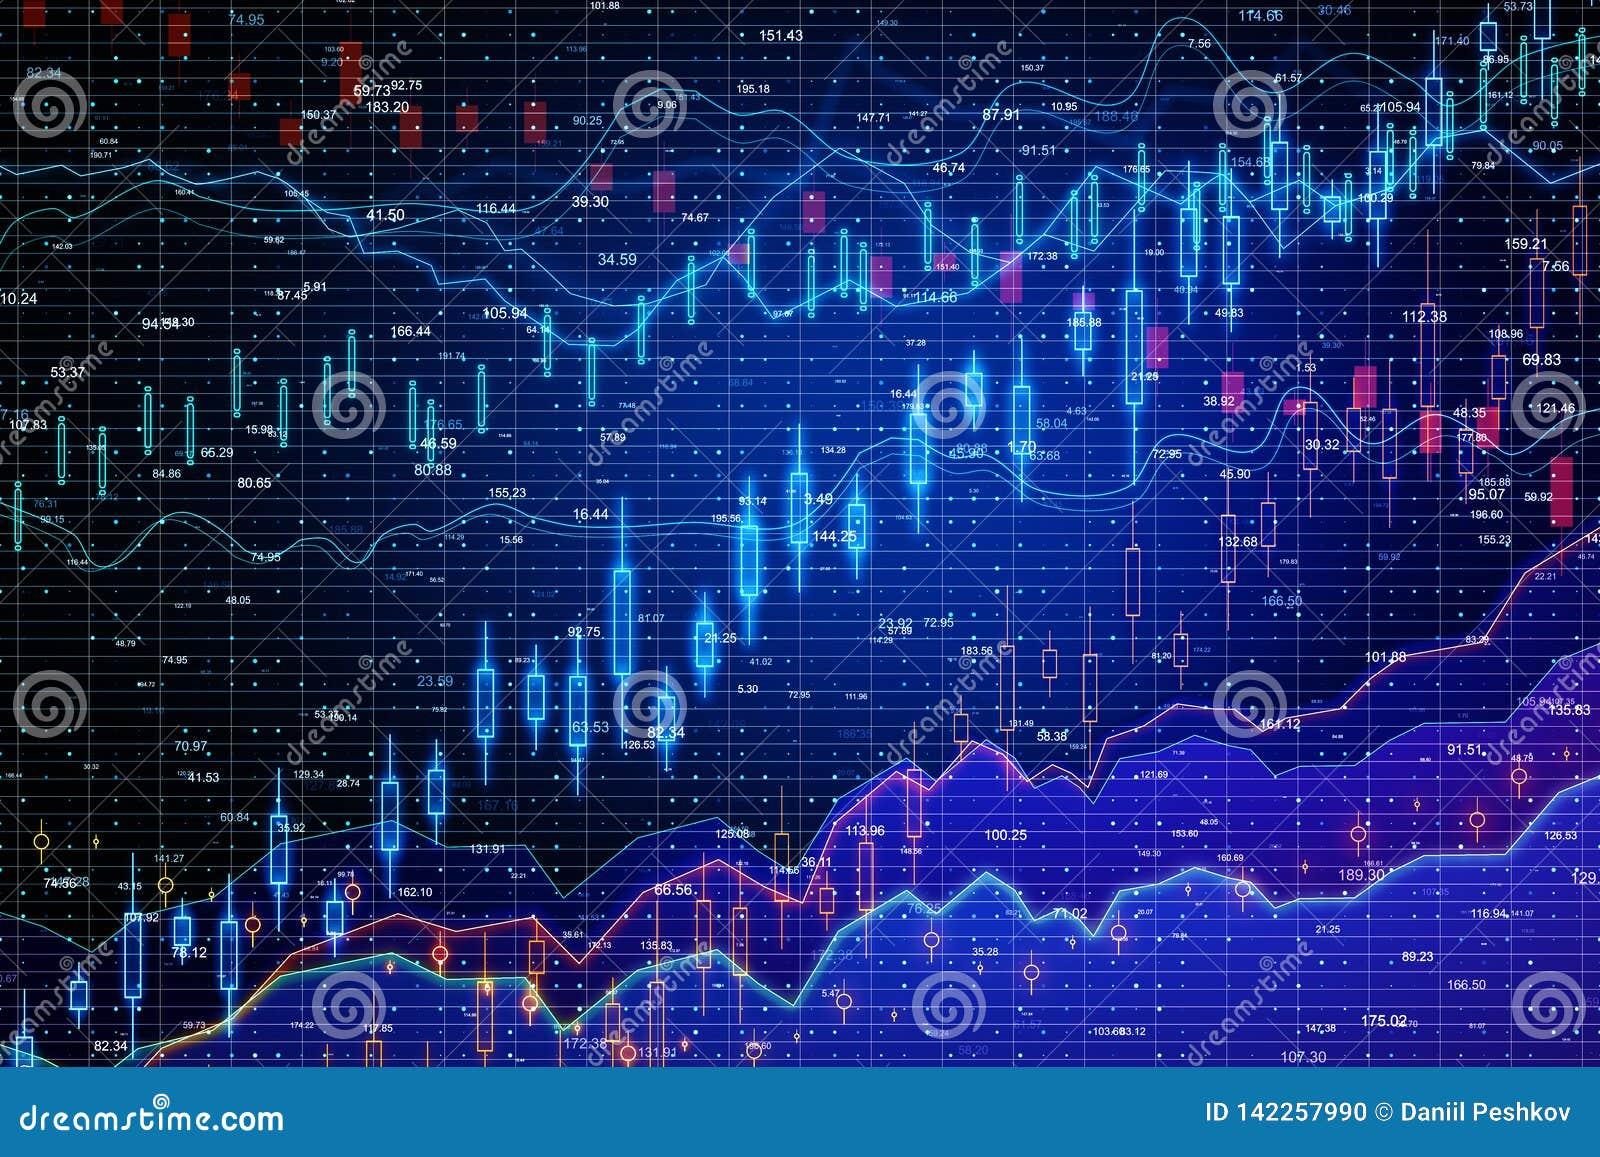 Forex chart wallpaper